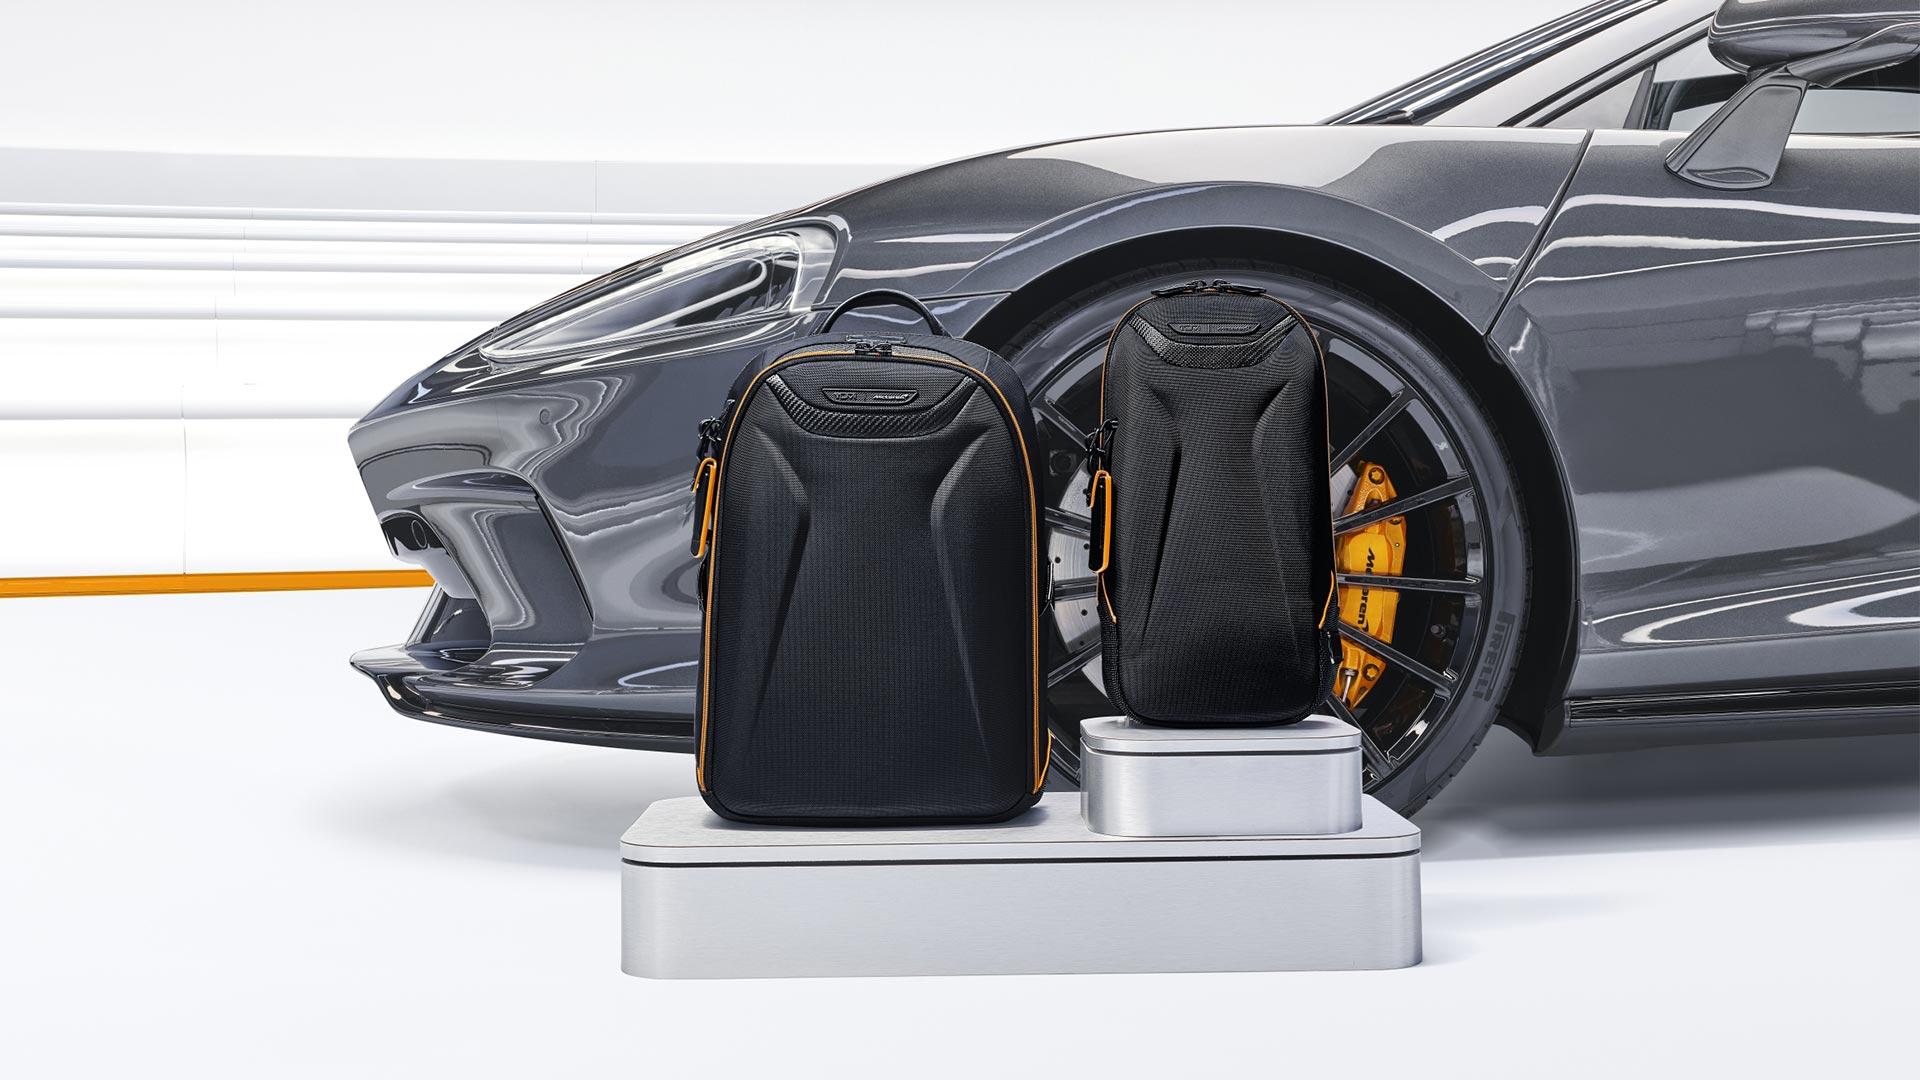 Tumi's McLaren Inspired Capsule Luggage